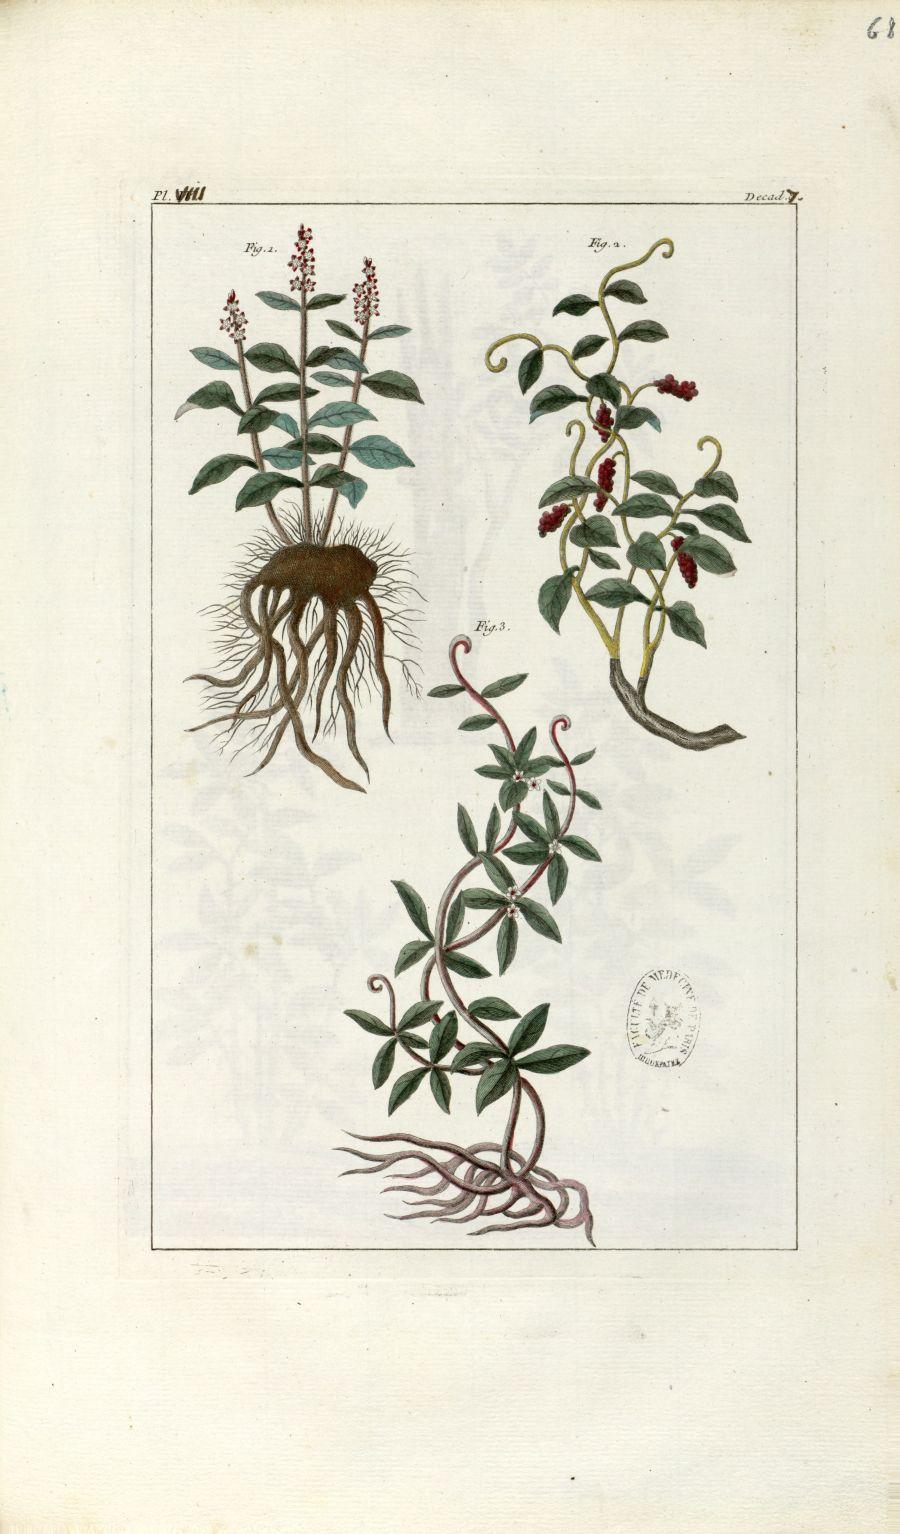 Planche VIII. Decad. 7 - Herbier ou collection des plantes médicinales de la Chine d'après un manusc [...] - Botanique. Plantes (médecine). Chine. 18e siècle - med01989x0071